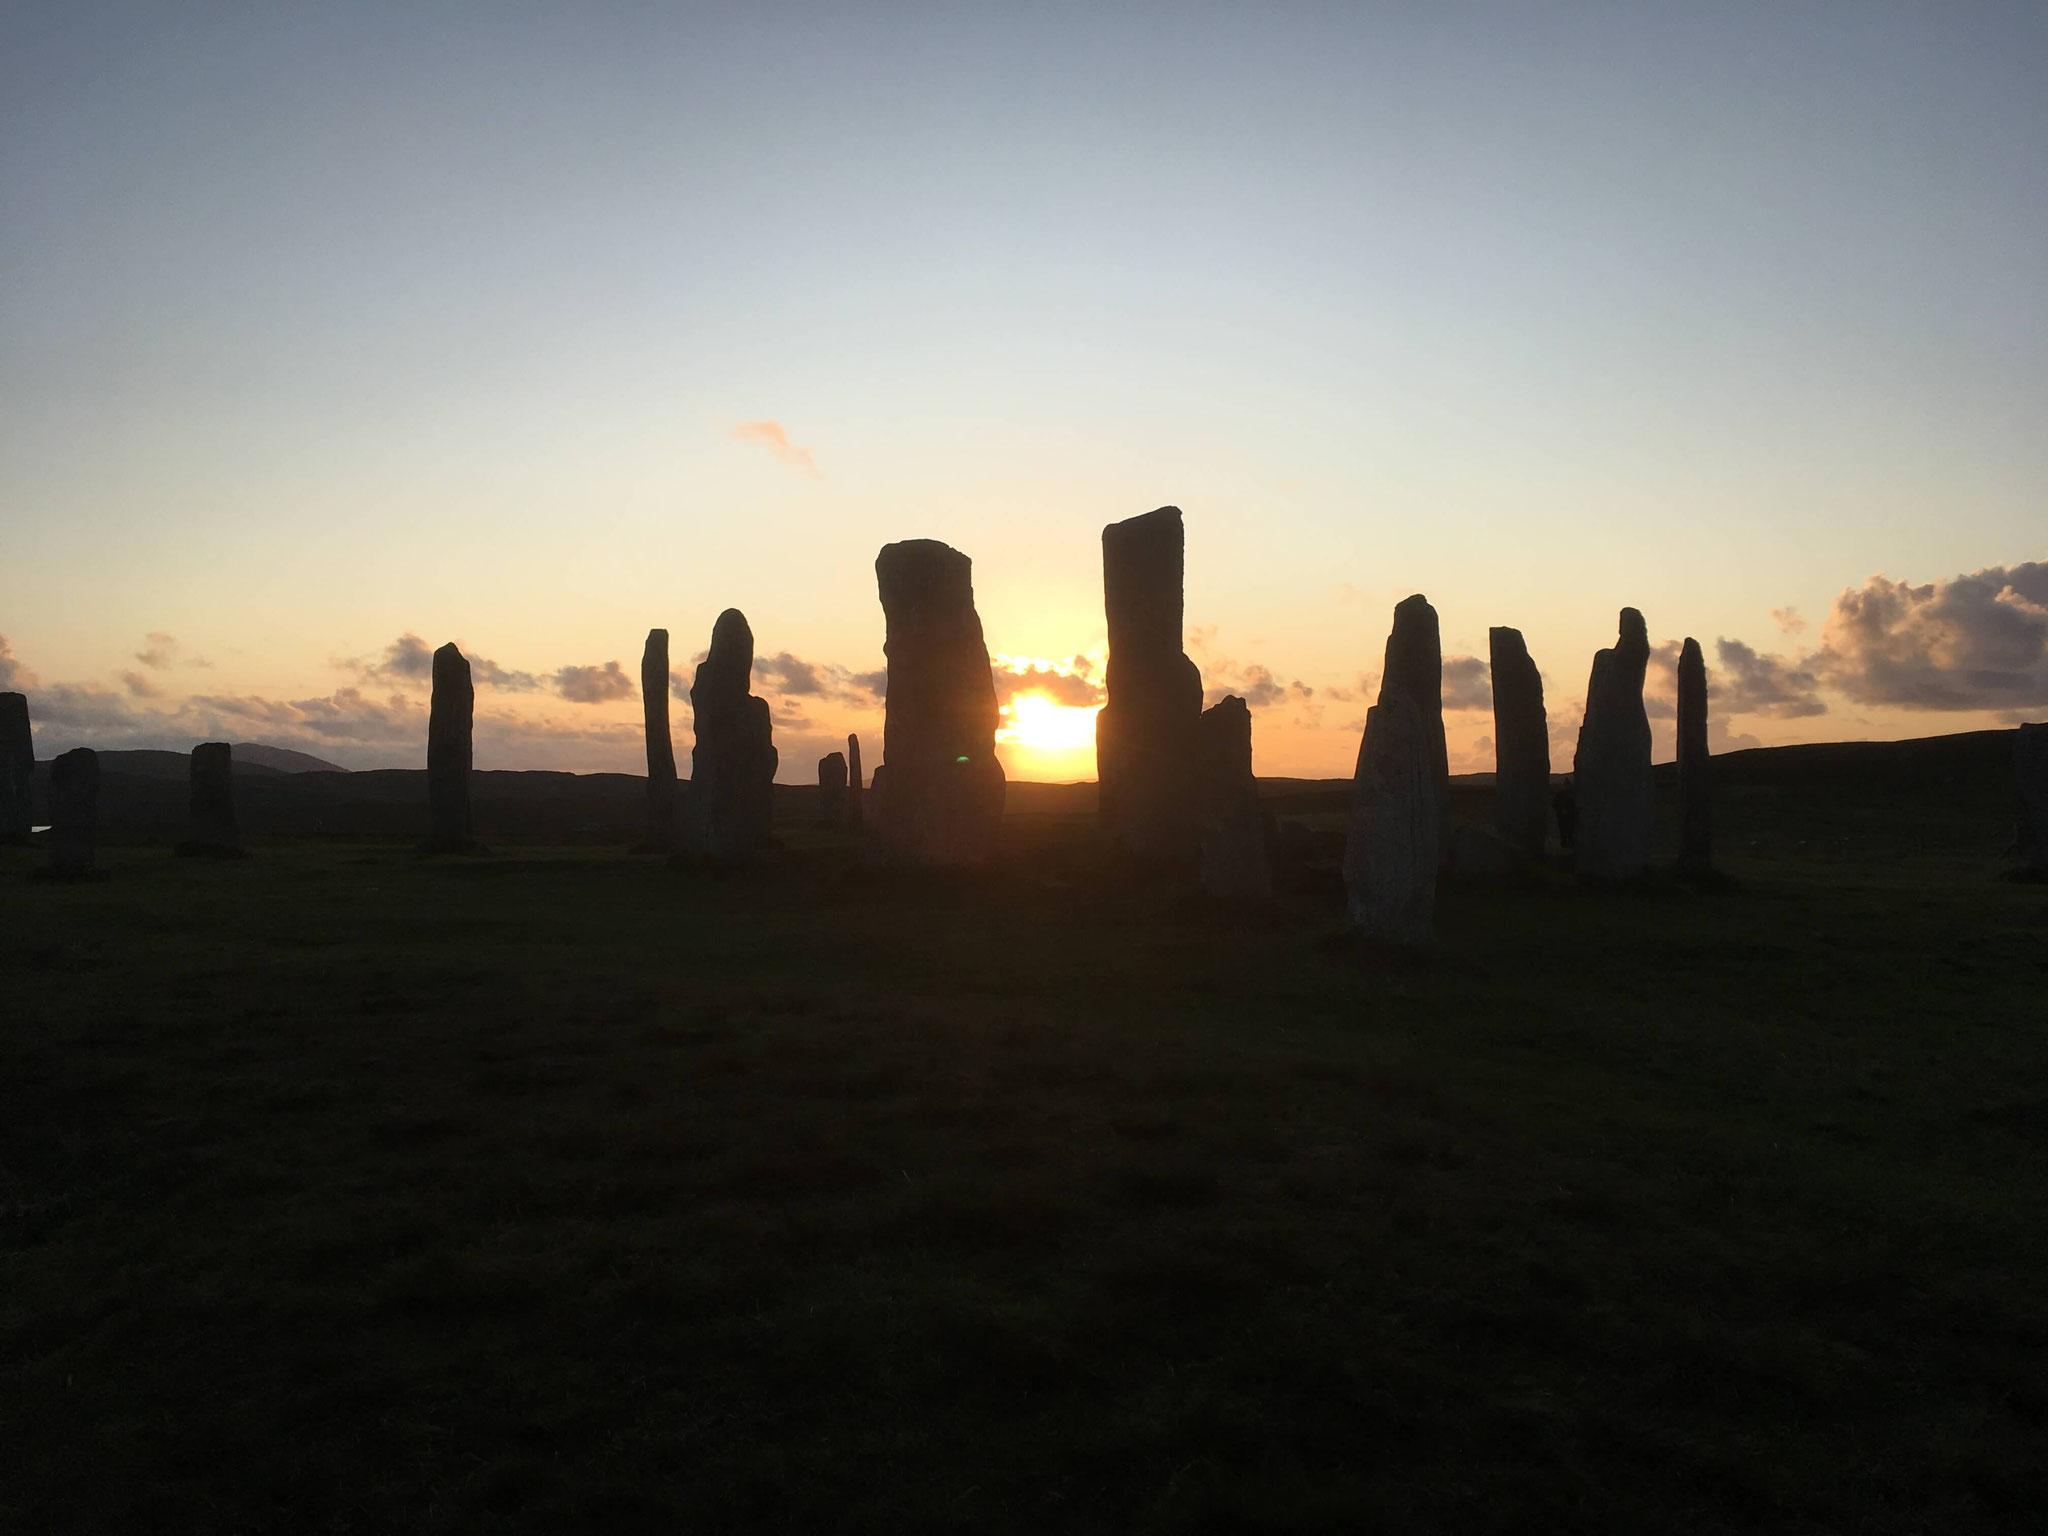 Sonnenuntergang an den Standing Stones of Callanish